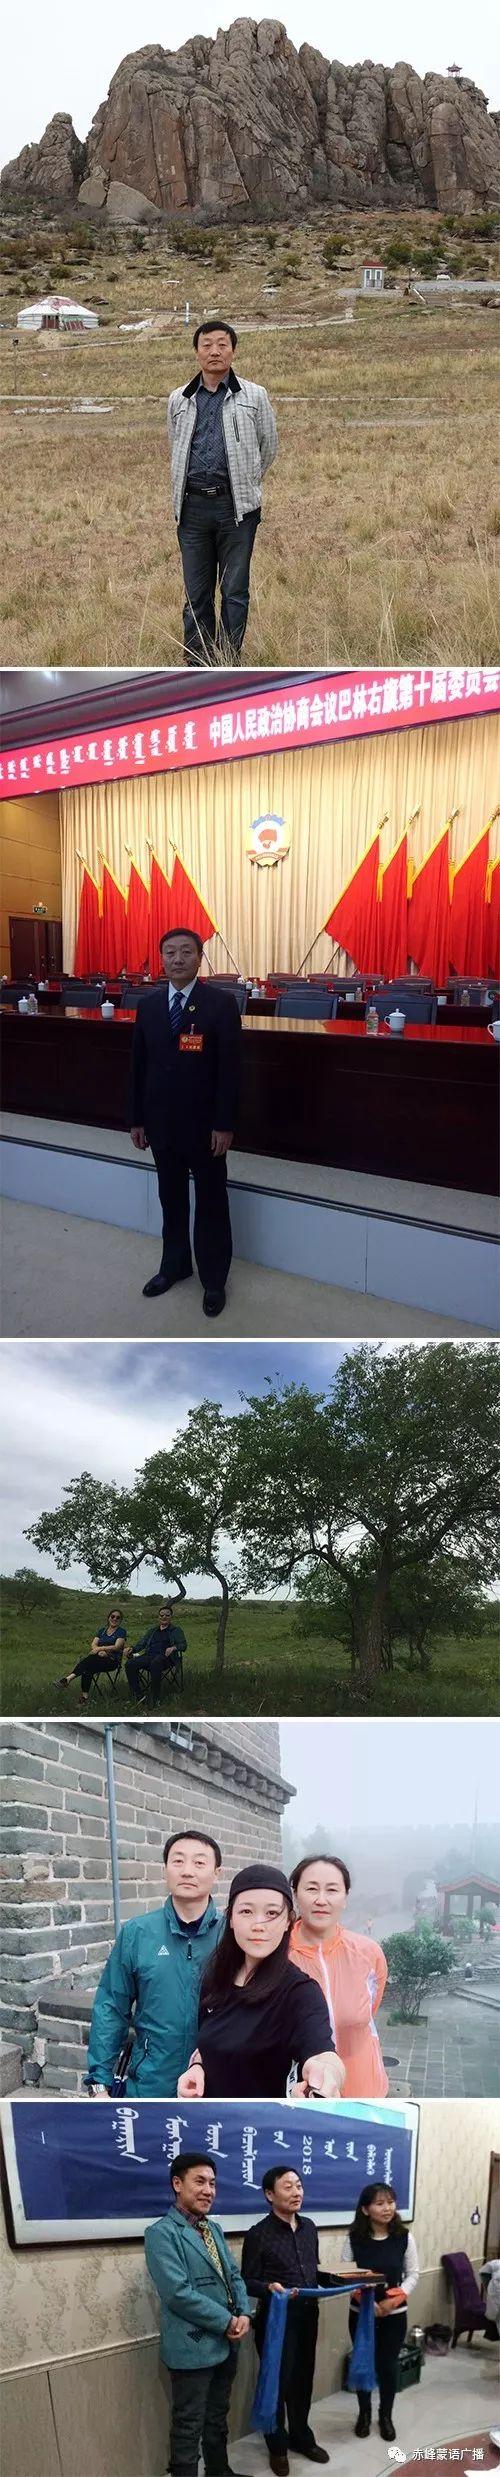 【音频】《赤峰蒙古族书法家》系列采访 (24) 第2张